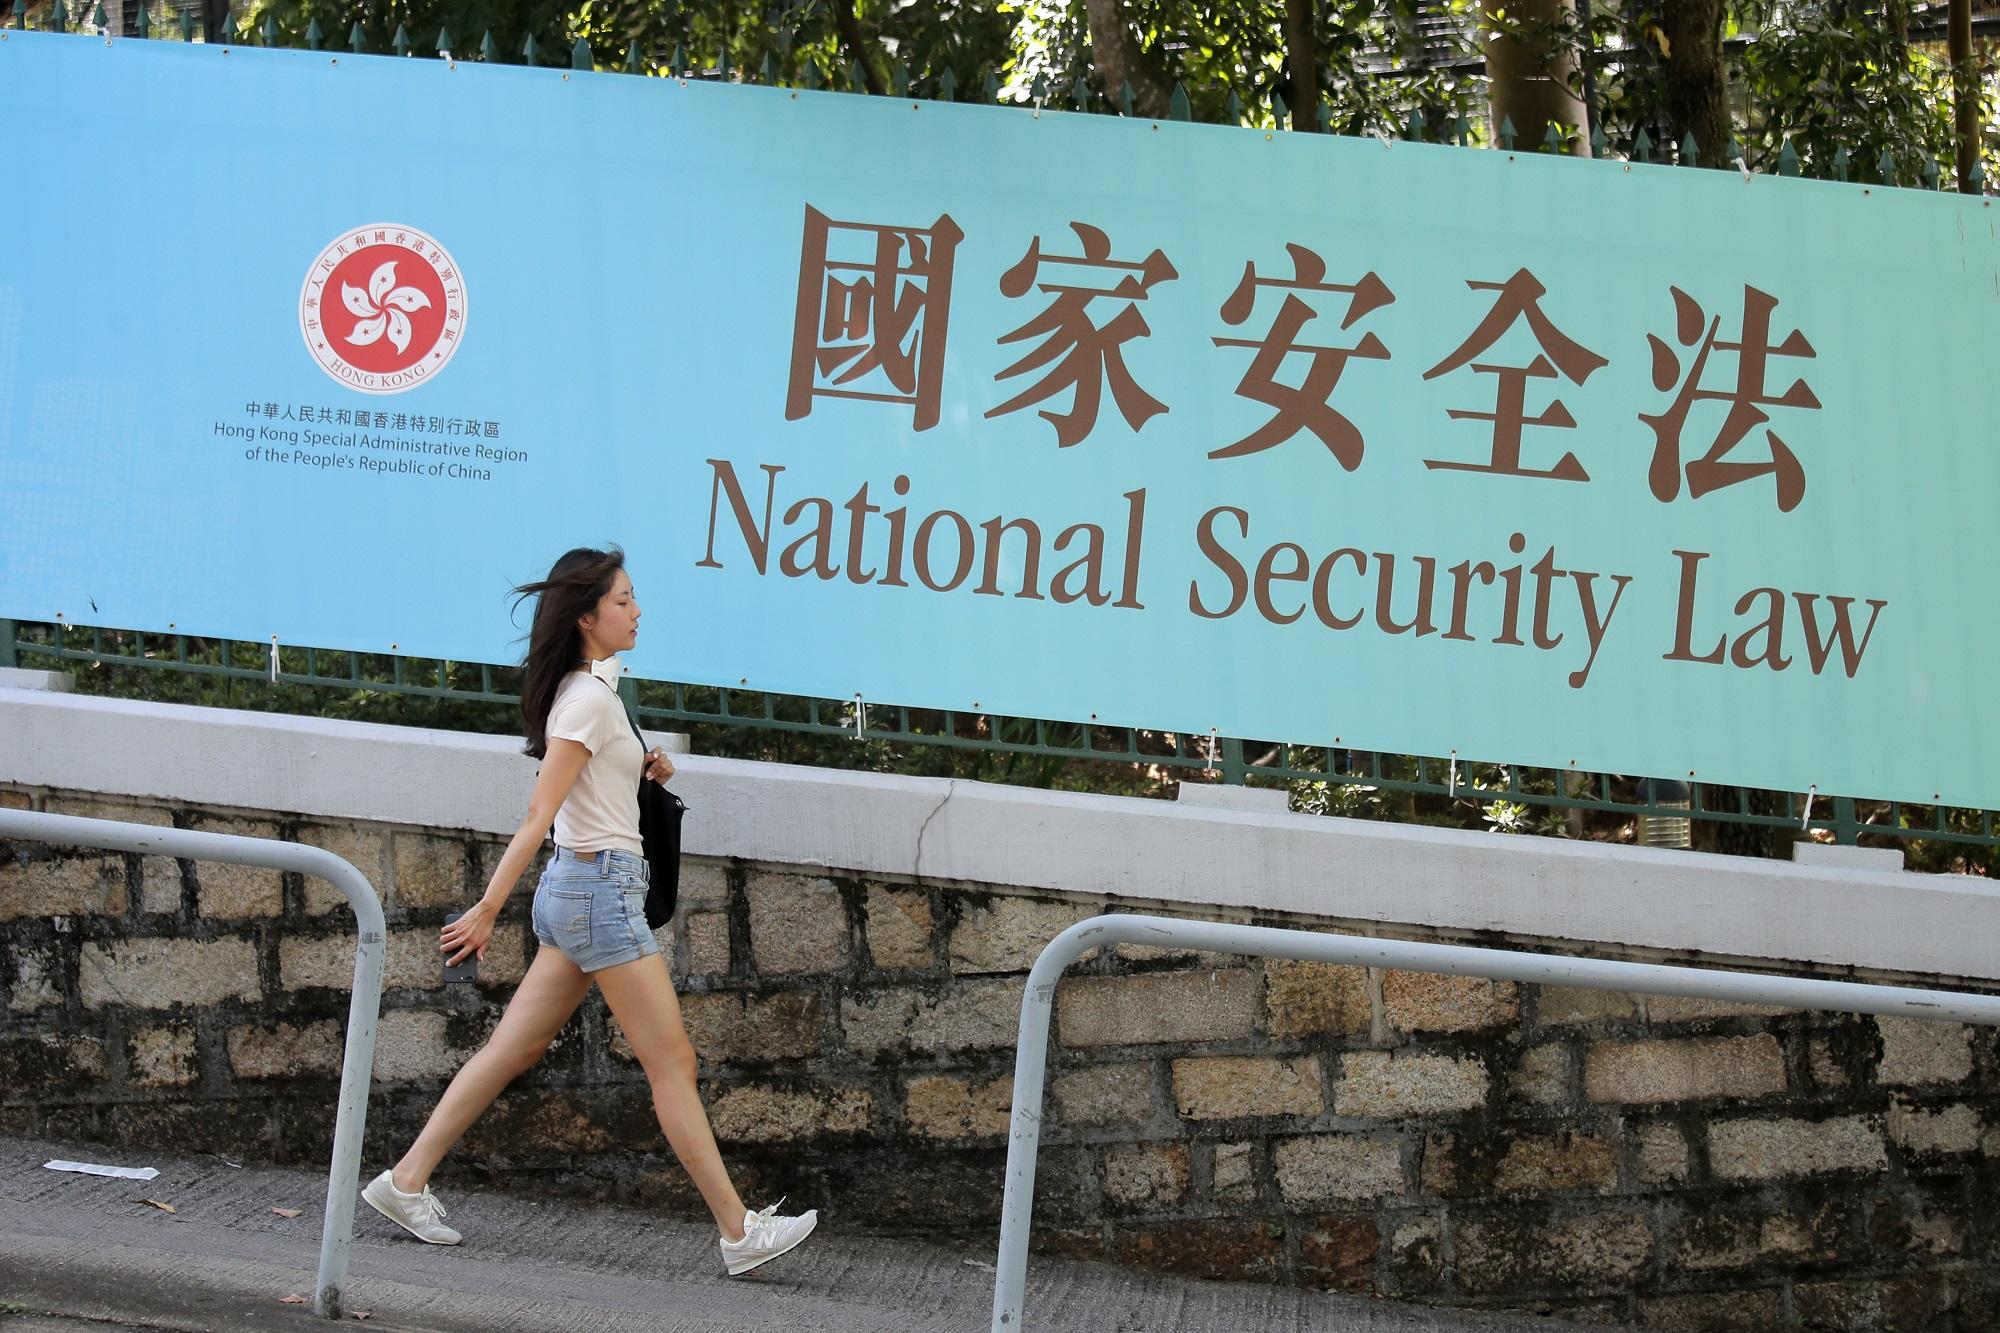 Một người đi bộ qua khu vực trưng biểu ngữ cổ động cho Luật An ninh Quốc gia ở Hong Kong, ngày 30/6/2020. Ảnh: AP.